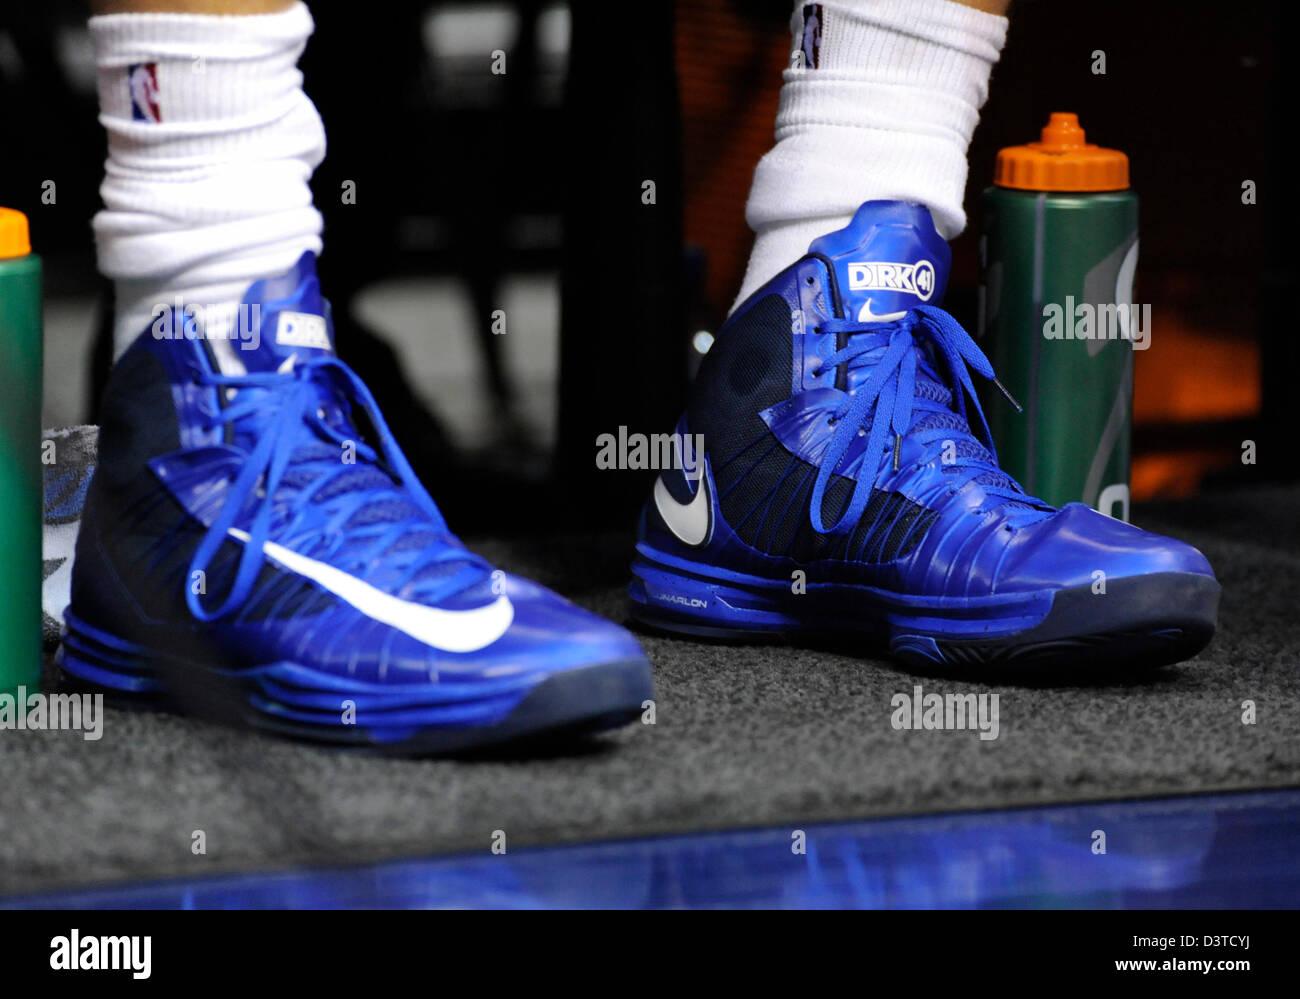 Shoes Nowitzki catalog photo